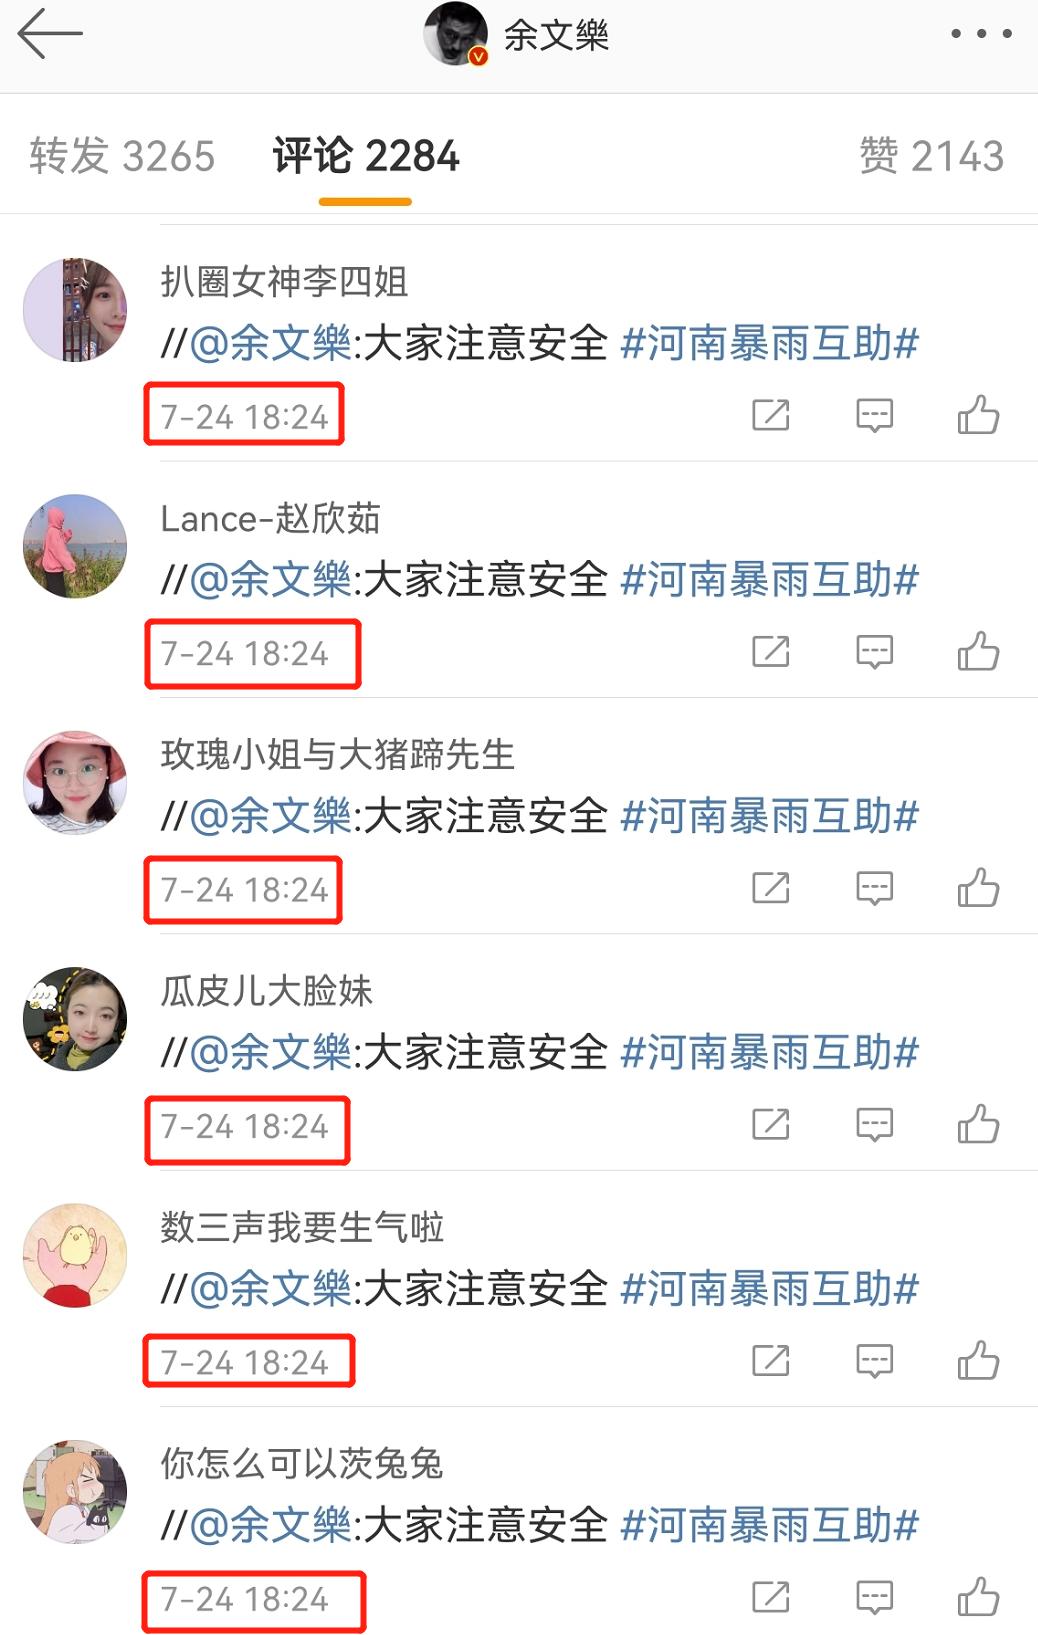 河南暴雨 陈冠希捐了50万, 余文乐买水军炒热度!